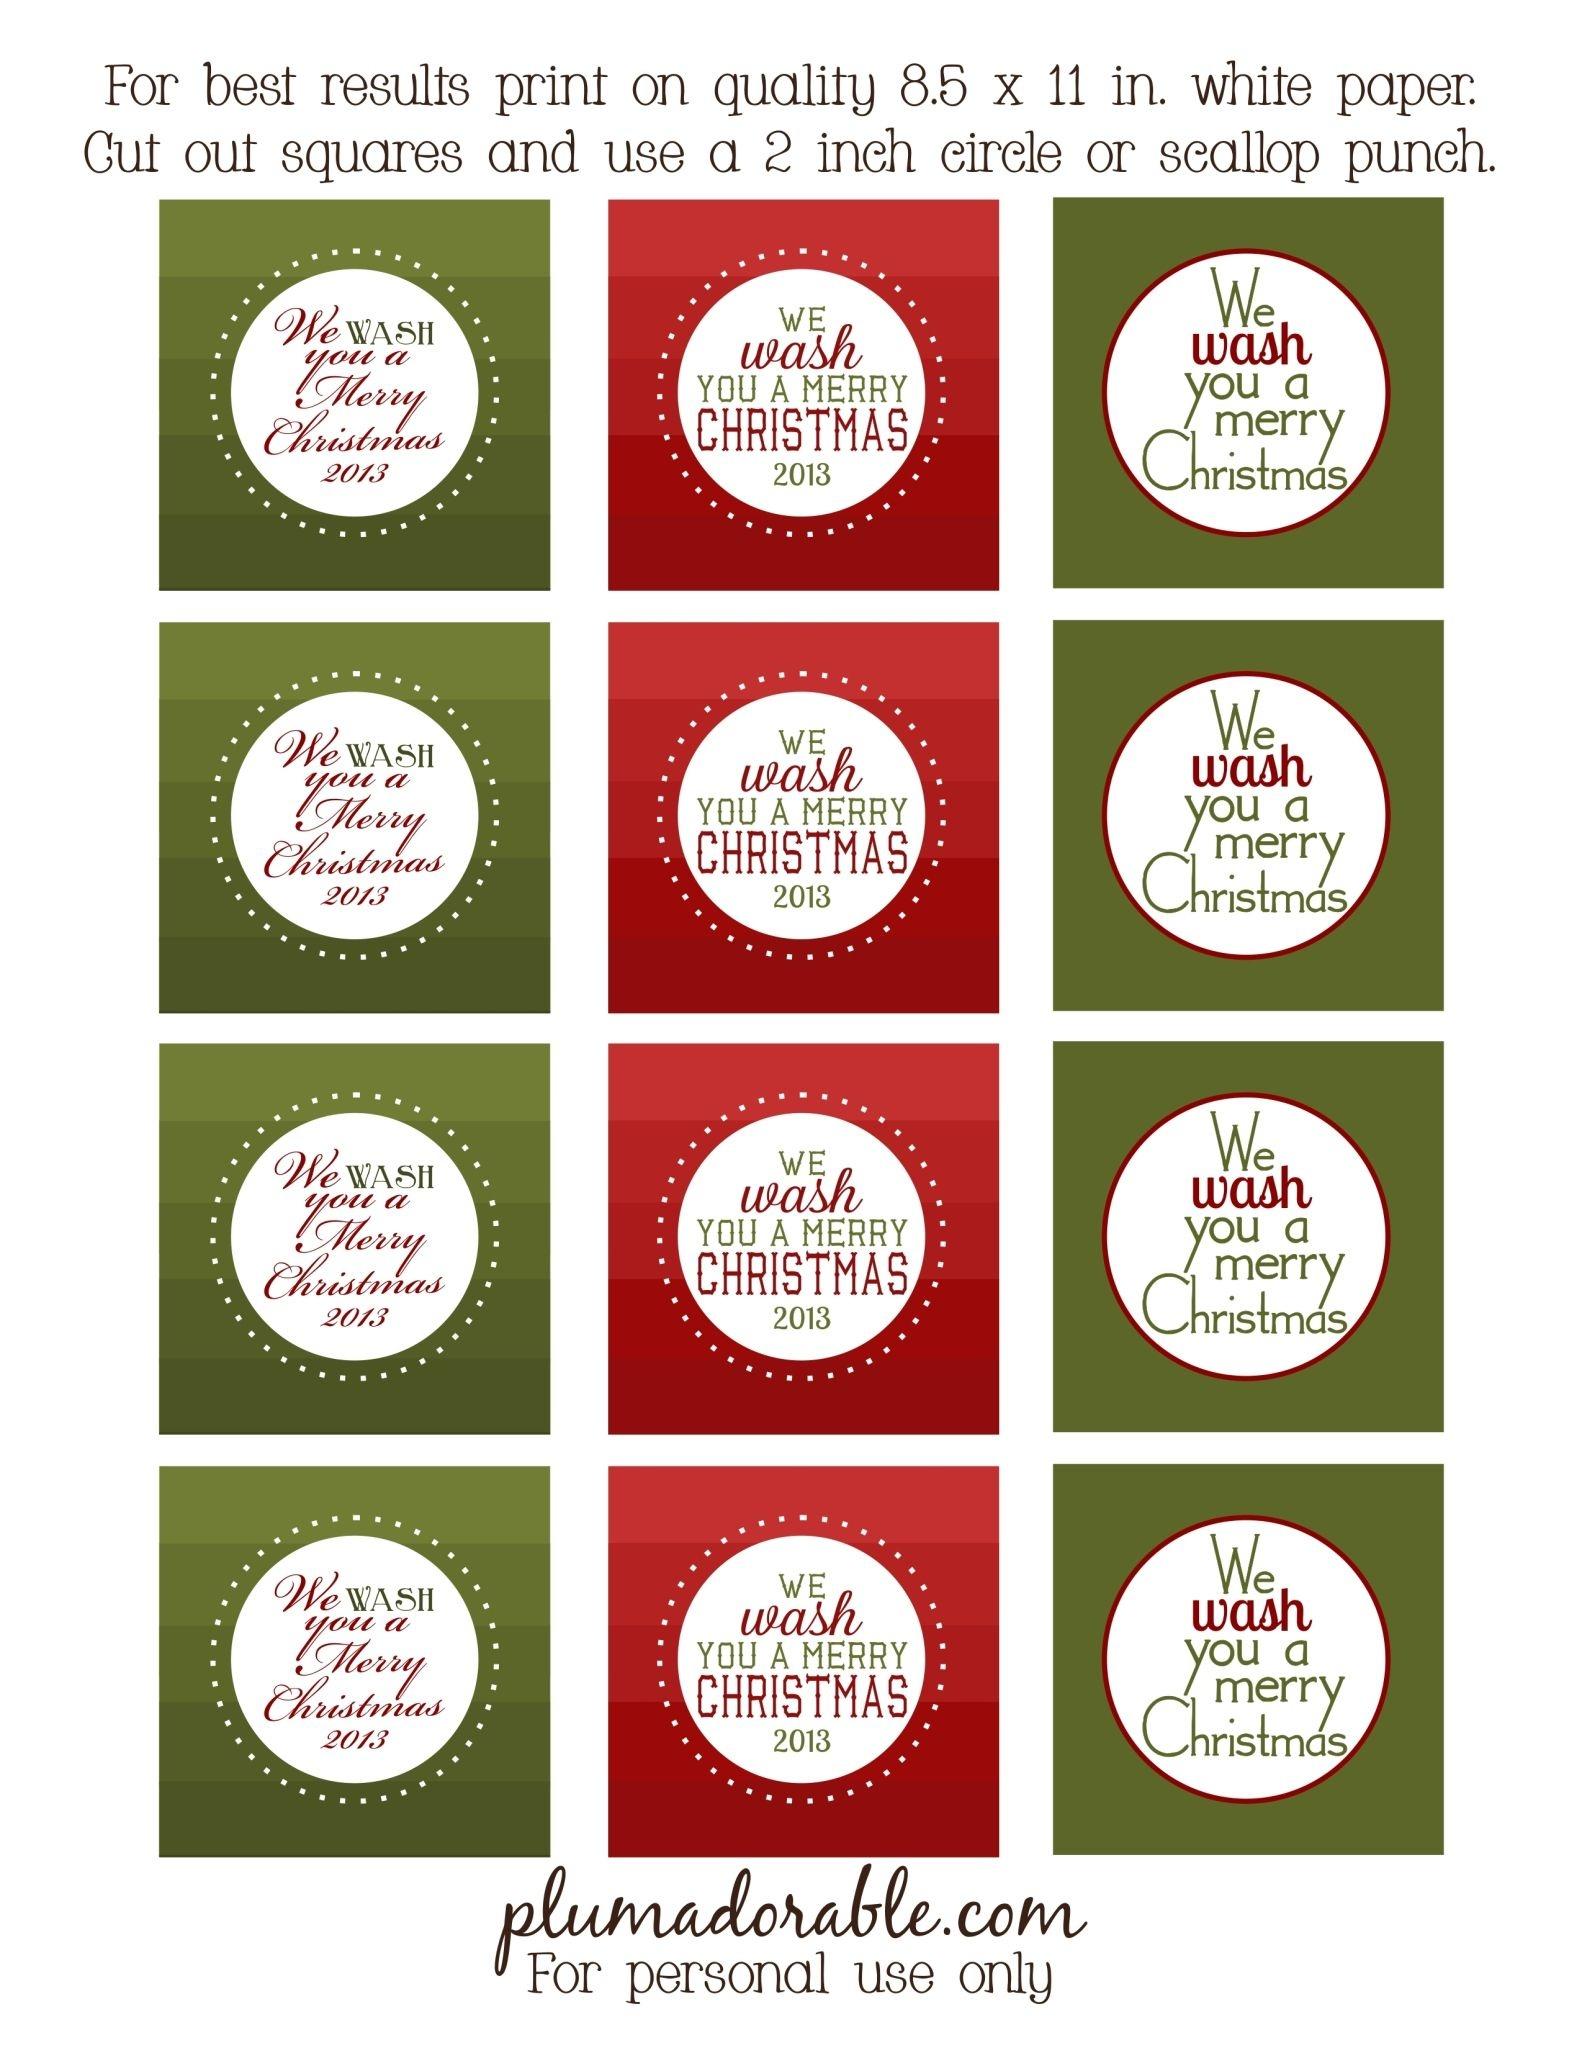 We Wash You A Merry Christmas - Free Printable Tags | Christmas - Free Printable Toe Tags